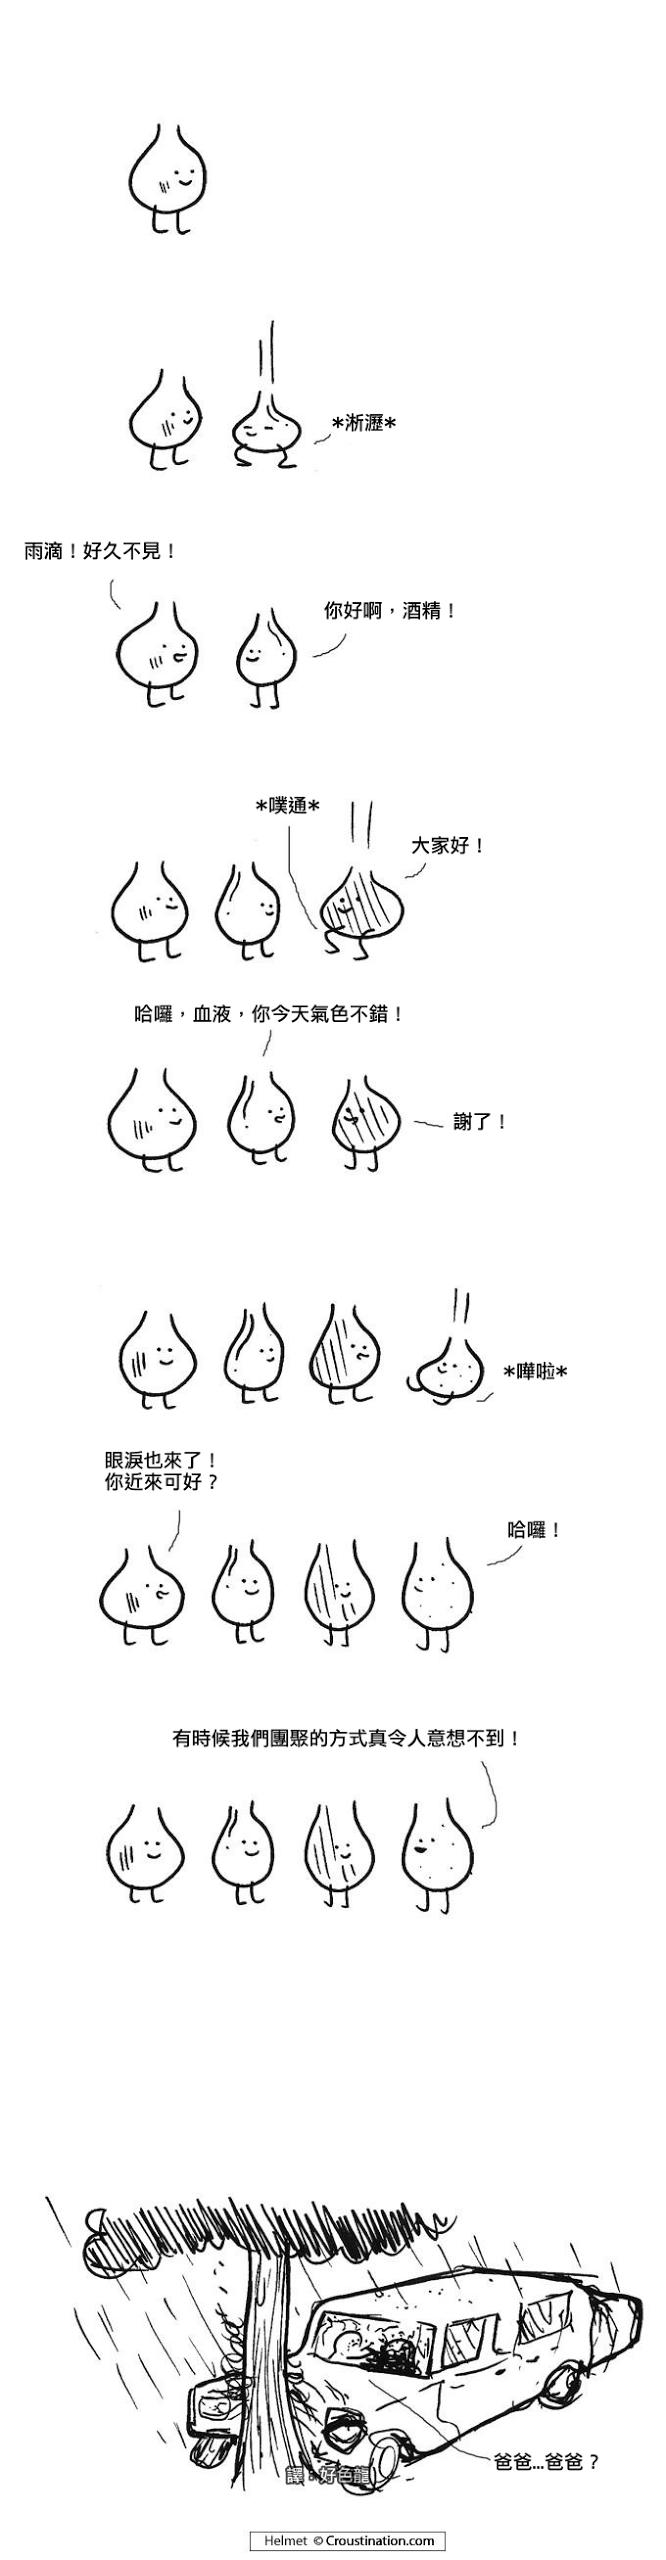 好色龍的網路生活觀察日誌: 雜七雜八短篇漫畫翻譯539